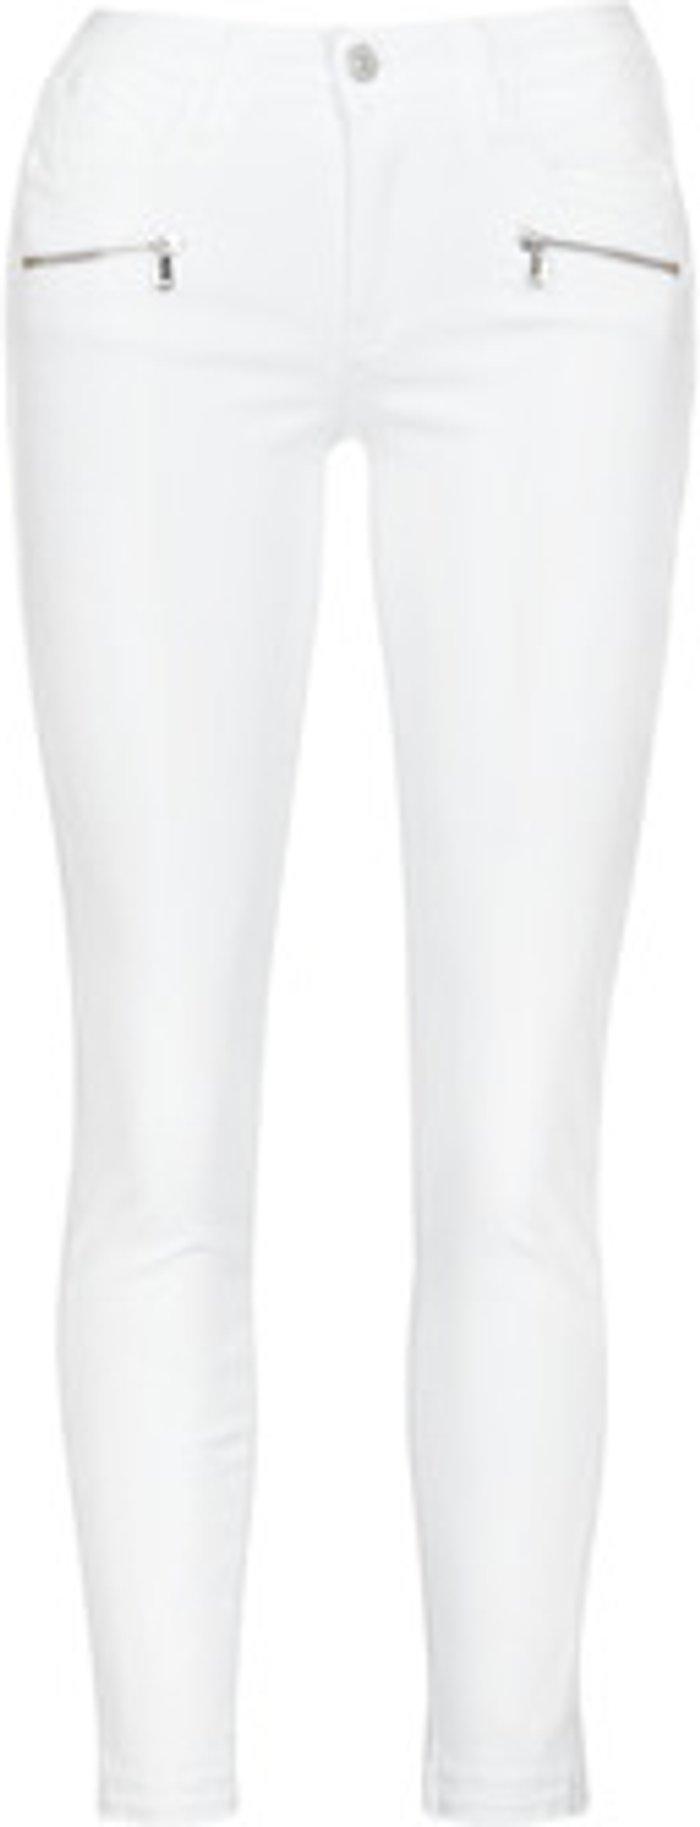 Le Temps des Cerises Le Temps des Cerises  KIEV SKINY7/8  women's  in White. Sizes available:US 28,US 29,US 30,US 26,US 24,US 25,US 31,US 32